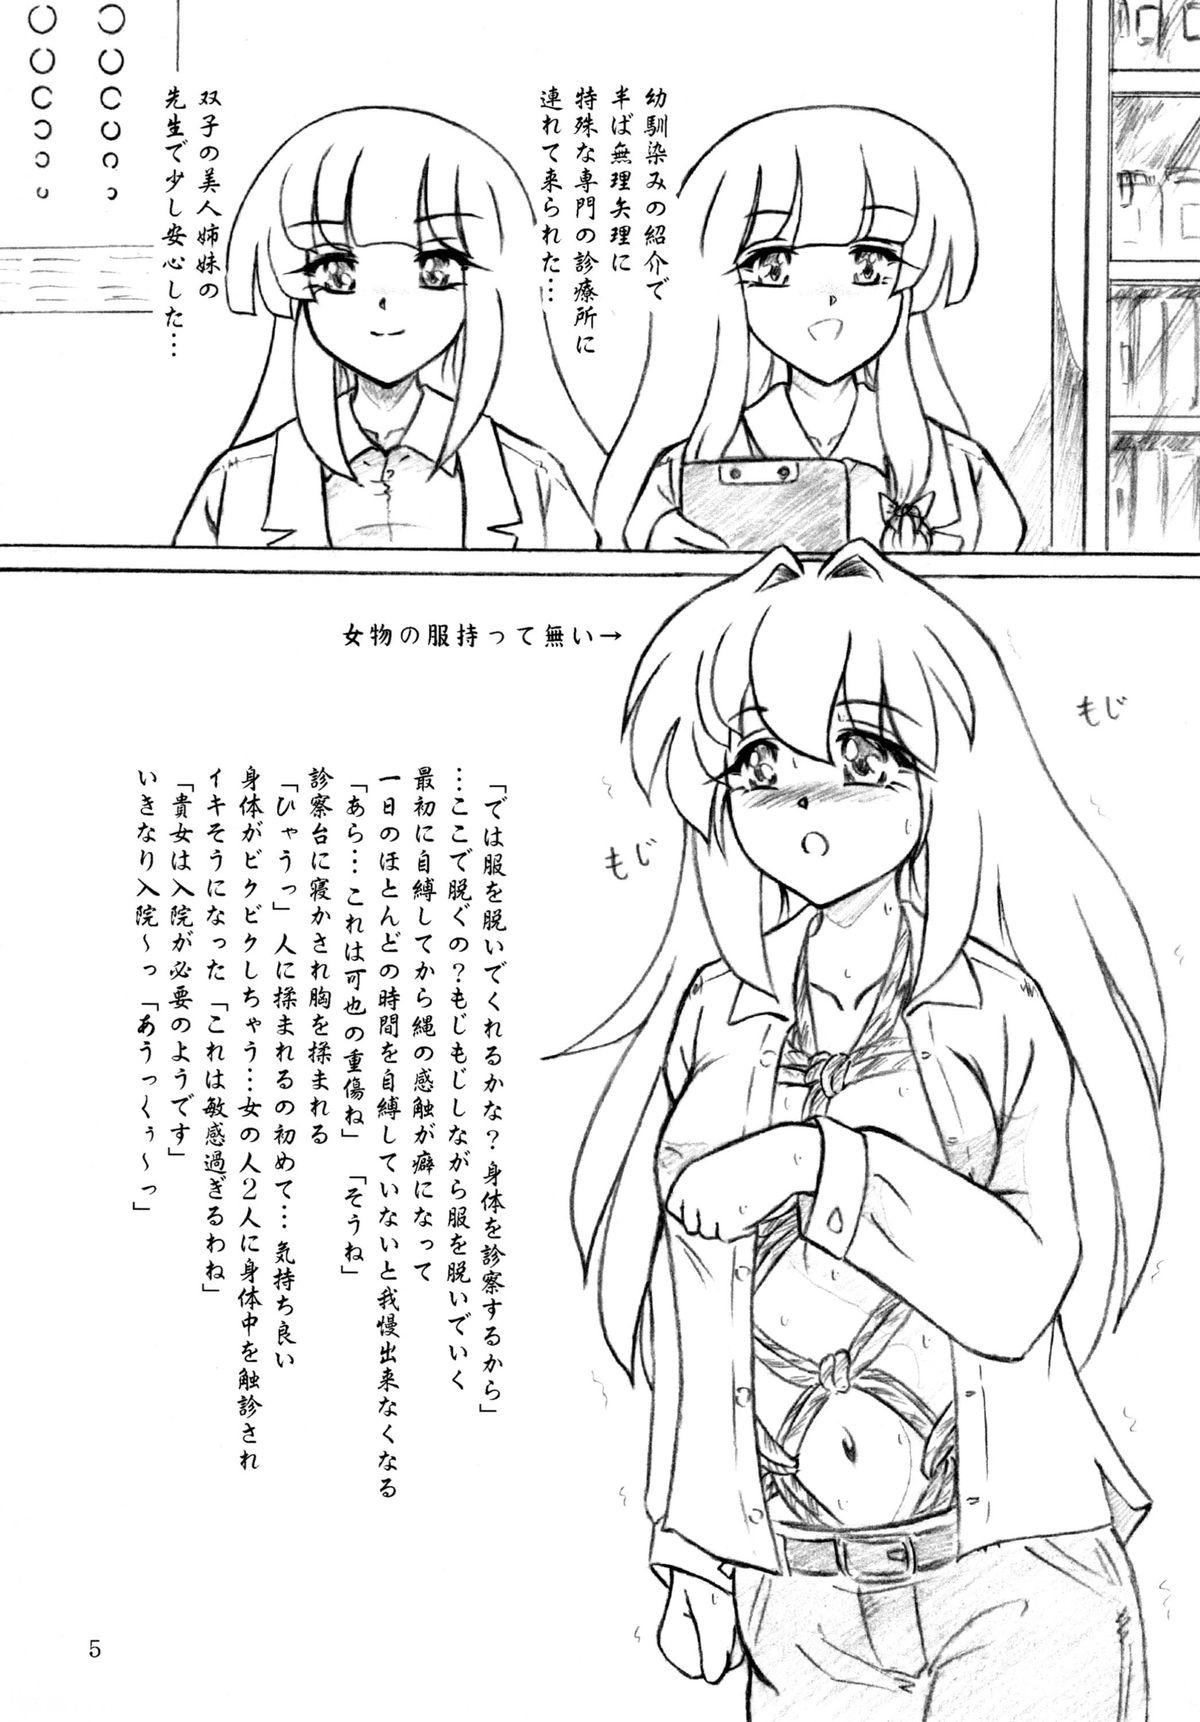 Seiyoku Shinryousho 4